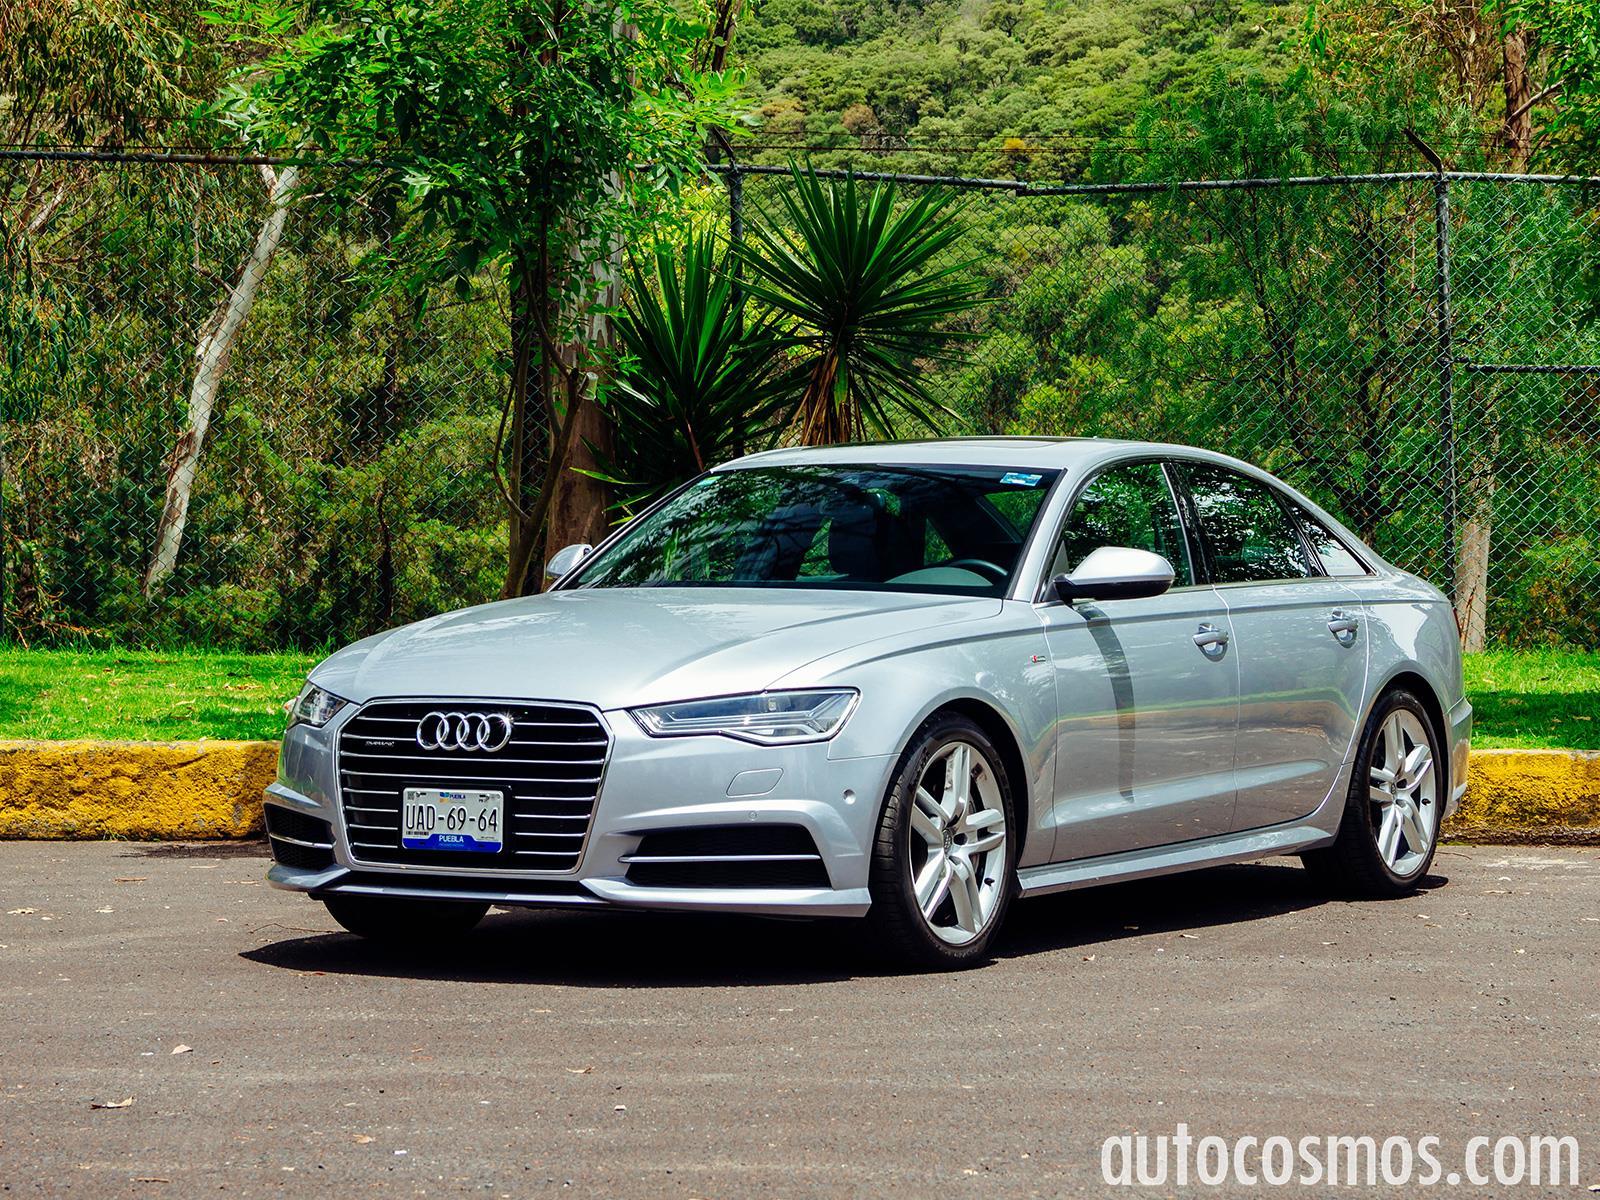 Audi A6 Vs Lexus Gs 350 Html Autos Post